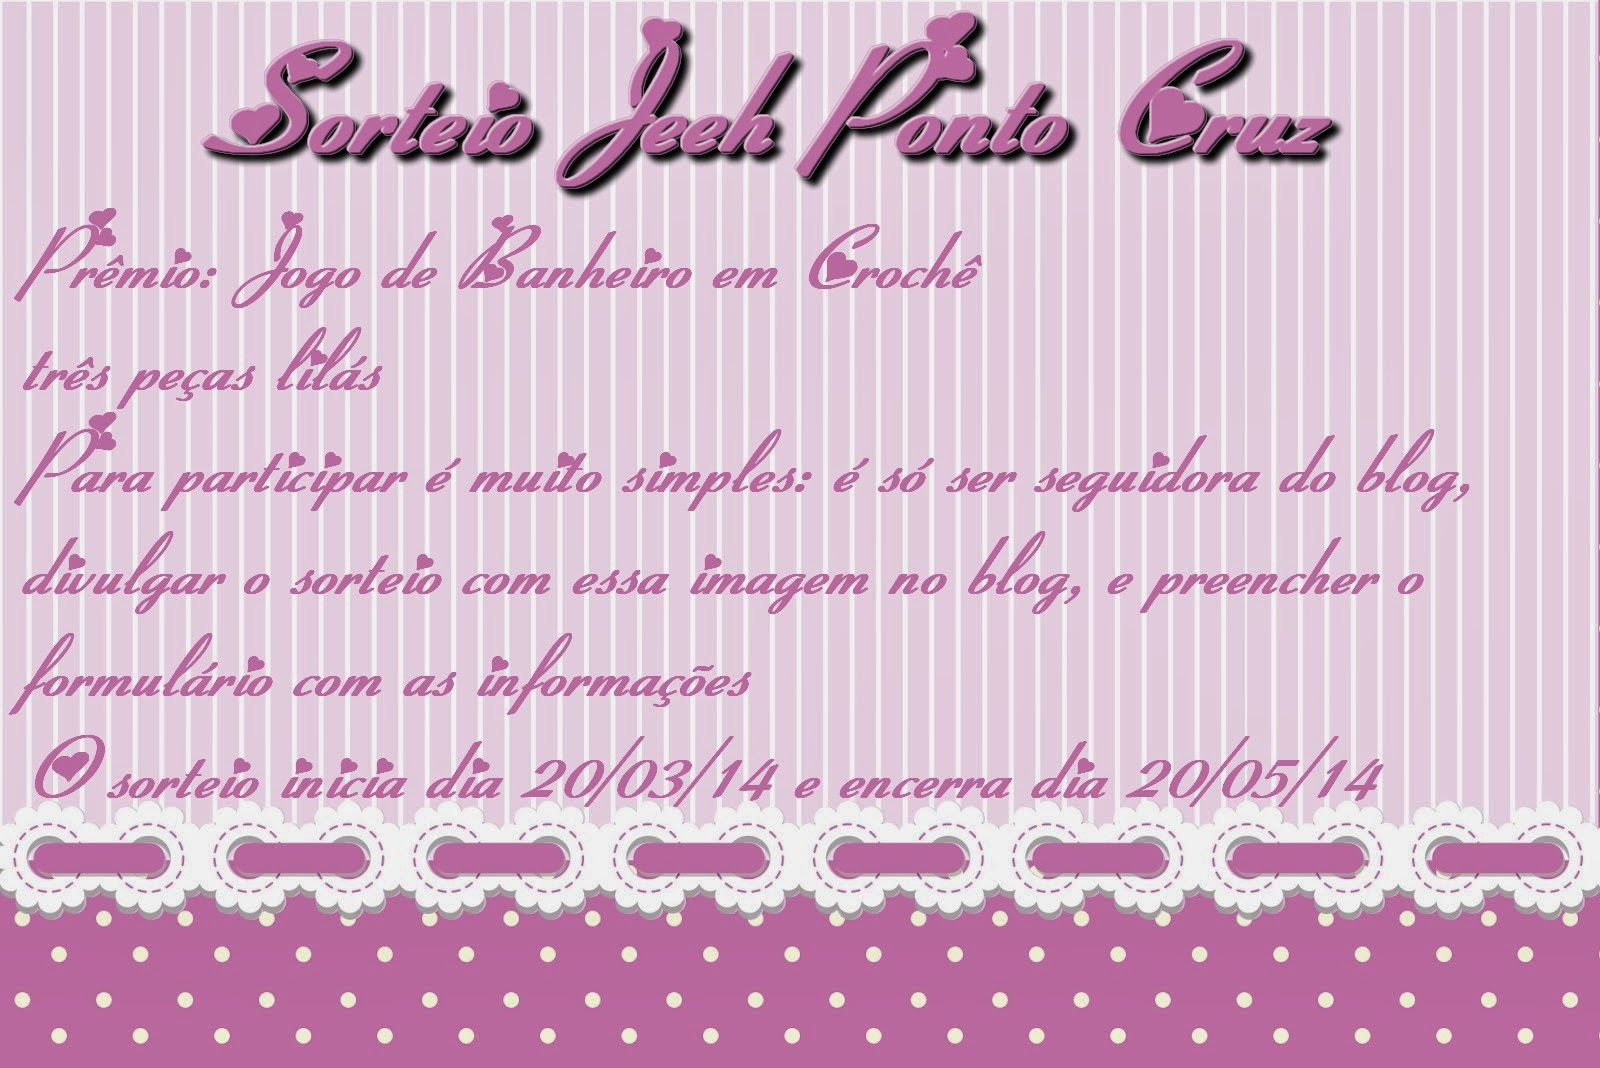 http://jeeh-pontocruz.blogspot.com.br/2014/03/segundo-sorteio-jeeh-ponto-cruz.html